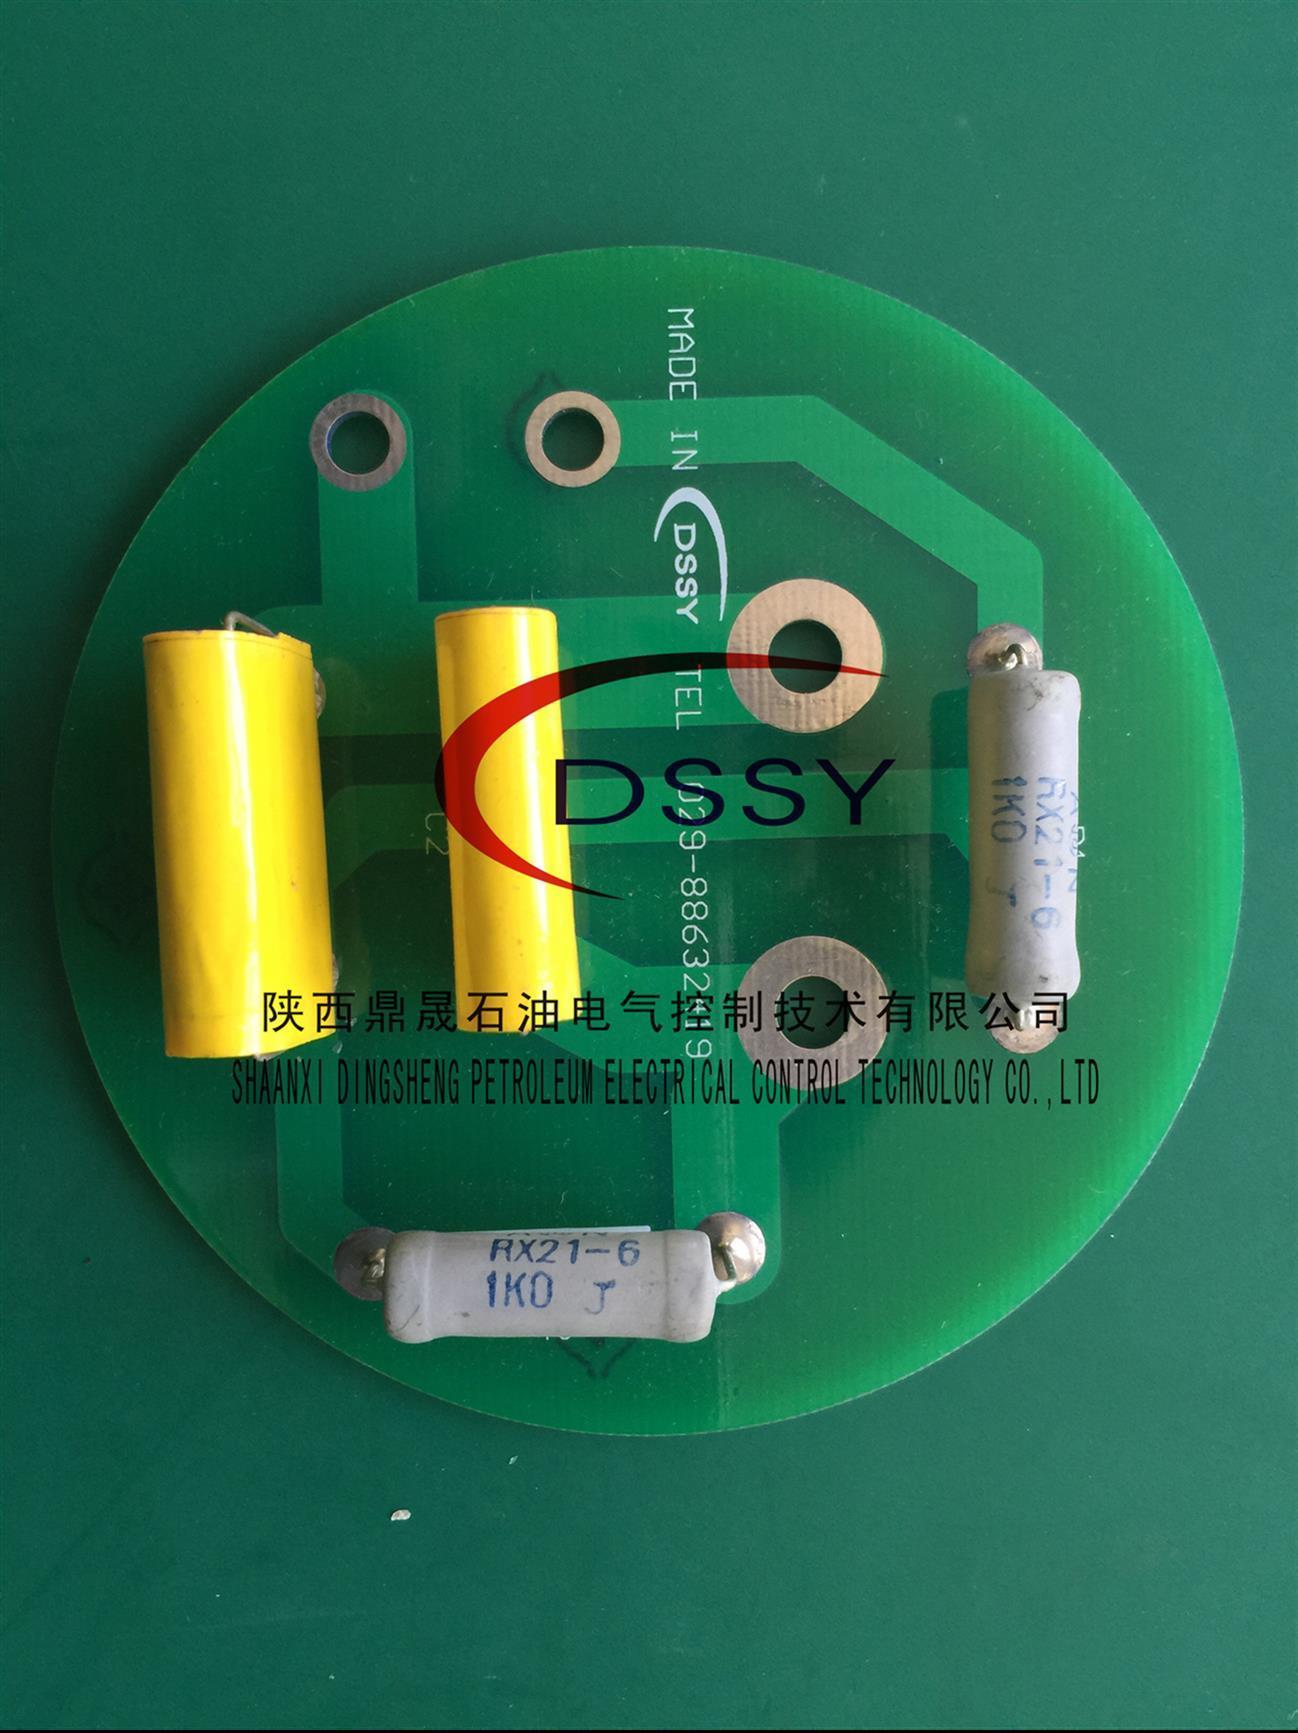 海尔海斯指示灯固态继电器板PC21